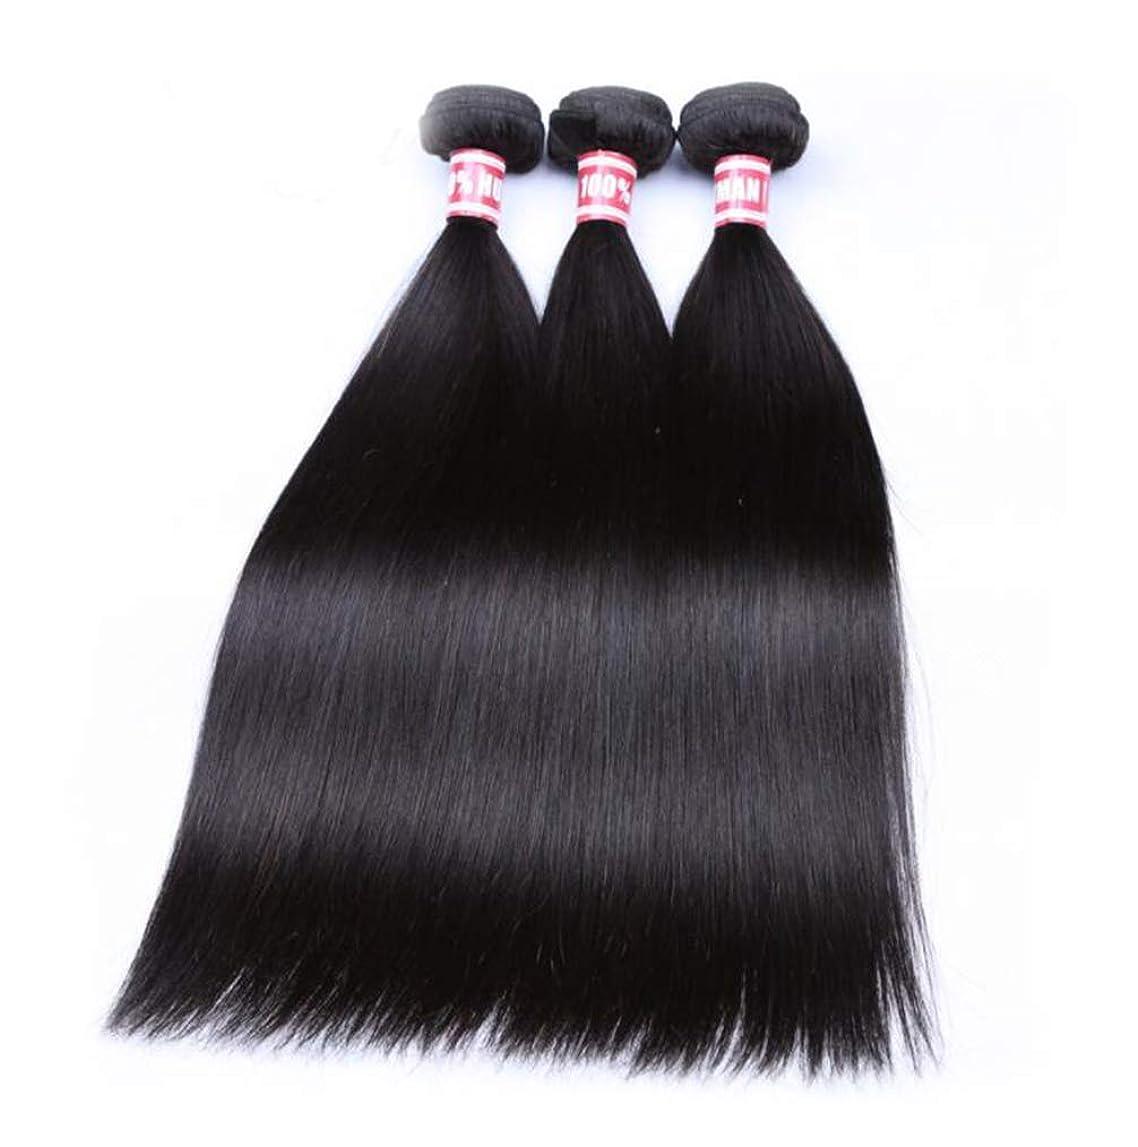 過敏なニンニクラックかつらかつらストレート3バンドル 100% 未処理レミー人間の髪の拡張機能ナチュラルカラー (8-26 インチ)